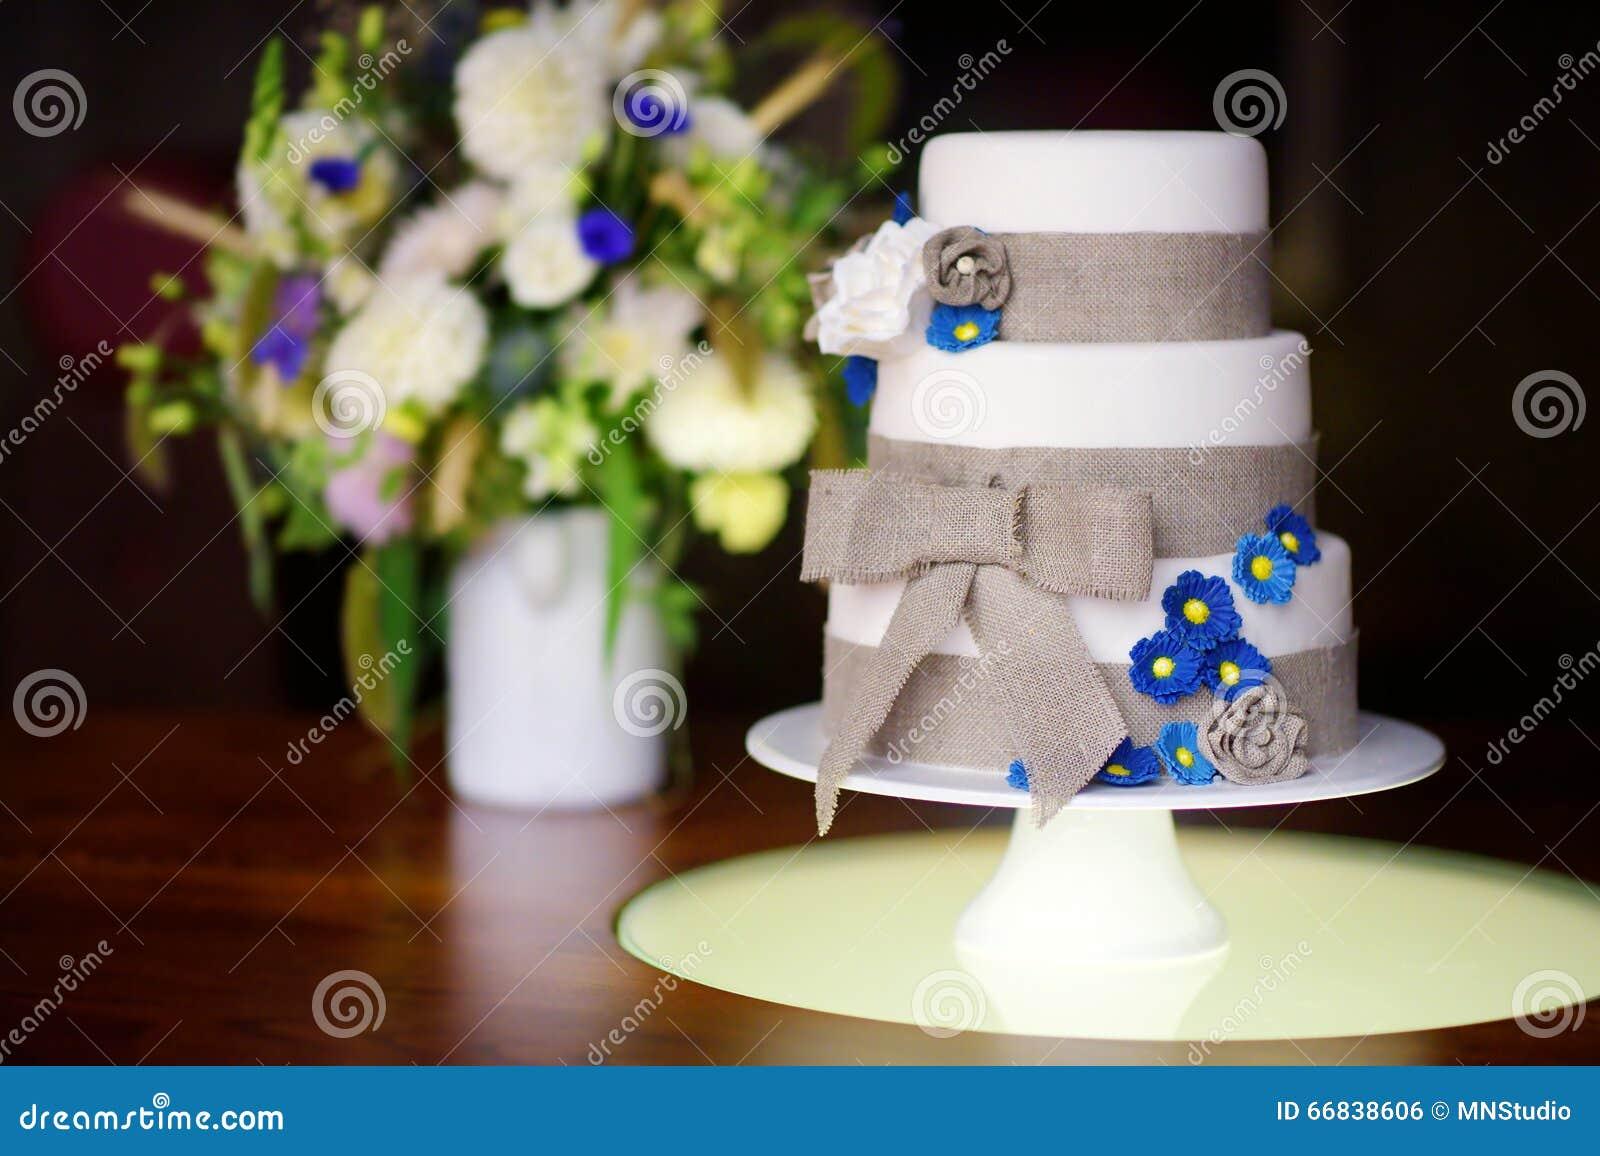 Hochzeitstorte Mit Drei Geschichten Verziert Mit Blauen Blumen